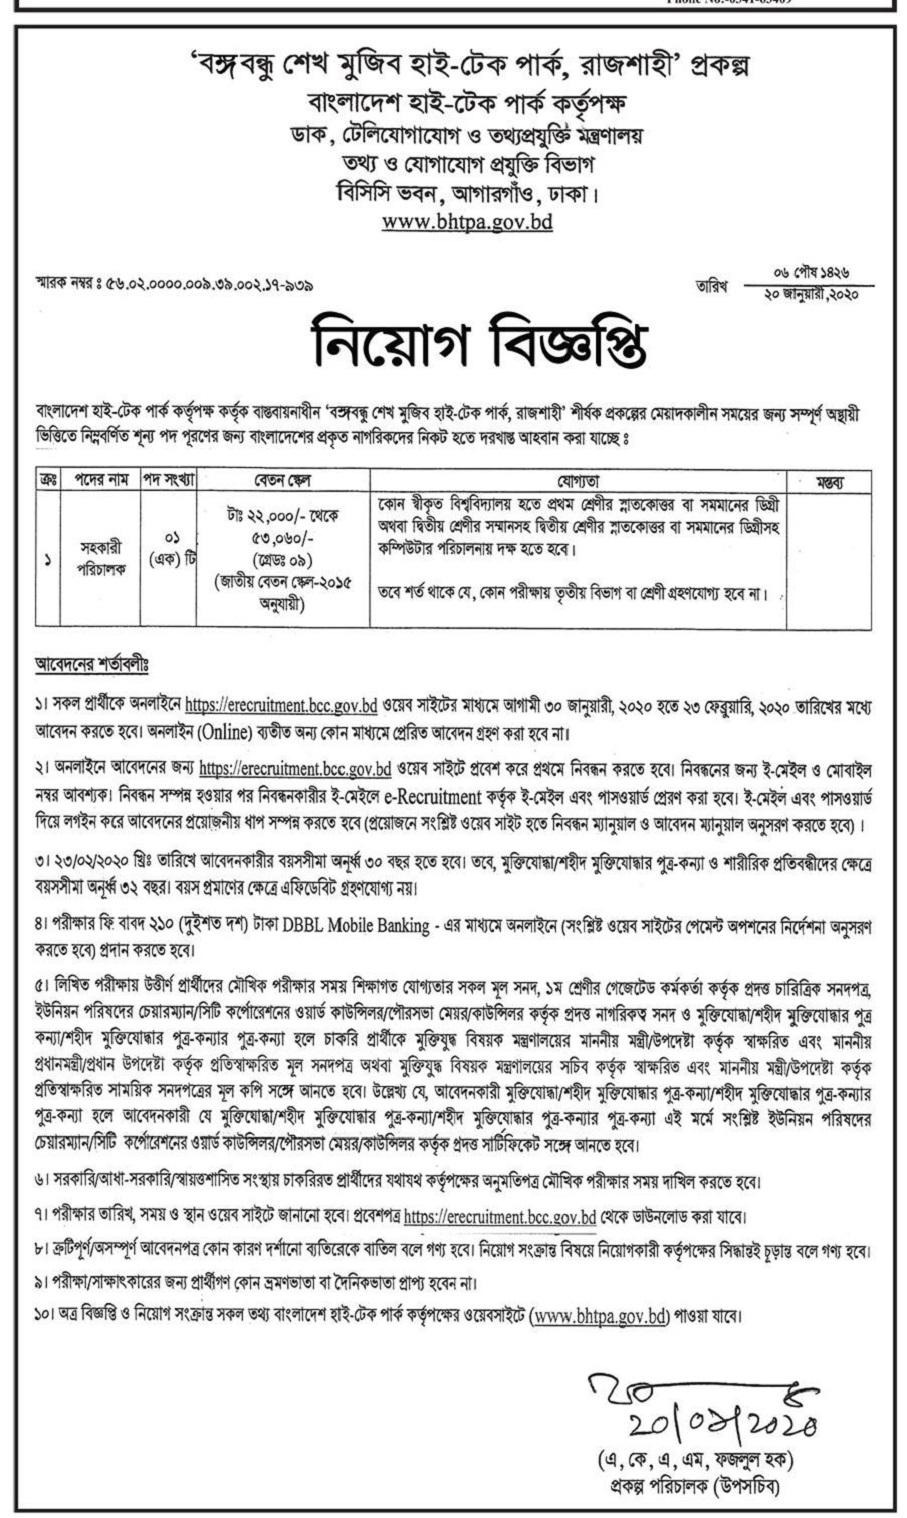 Bangladesh Hi-Tech Park Authority Job Circular 2020